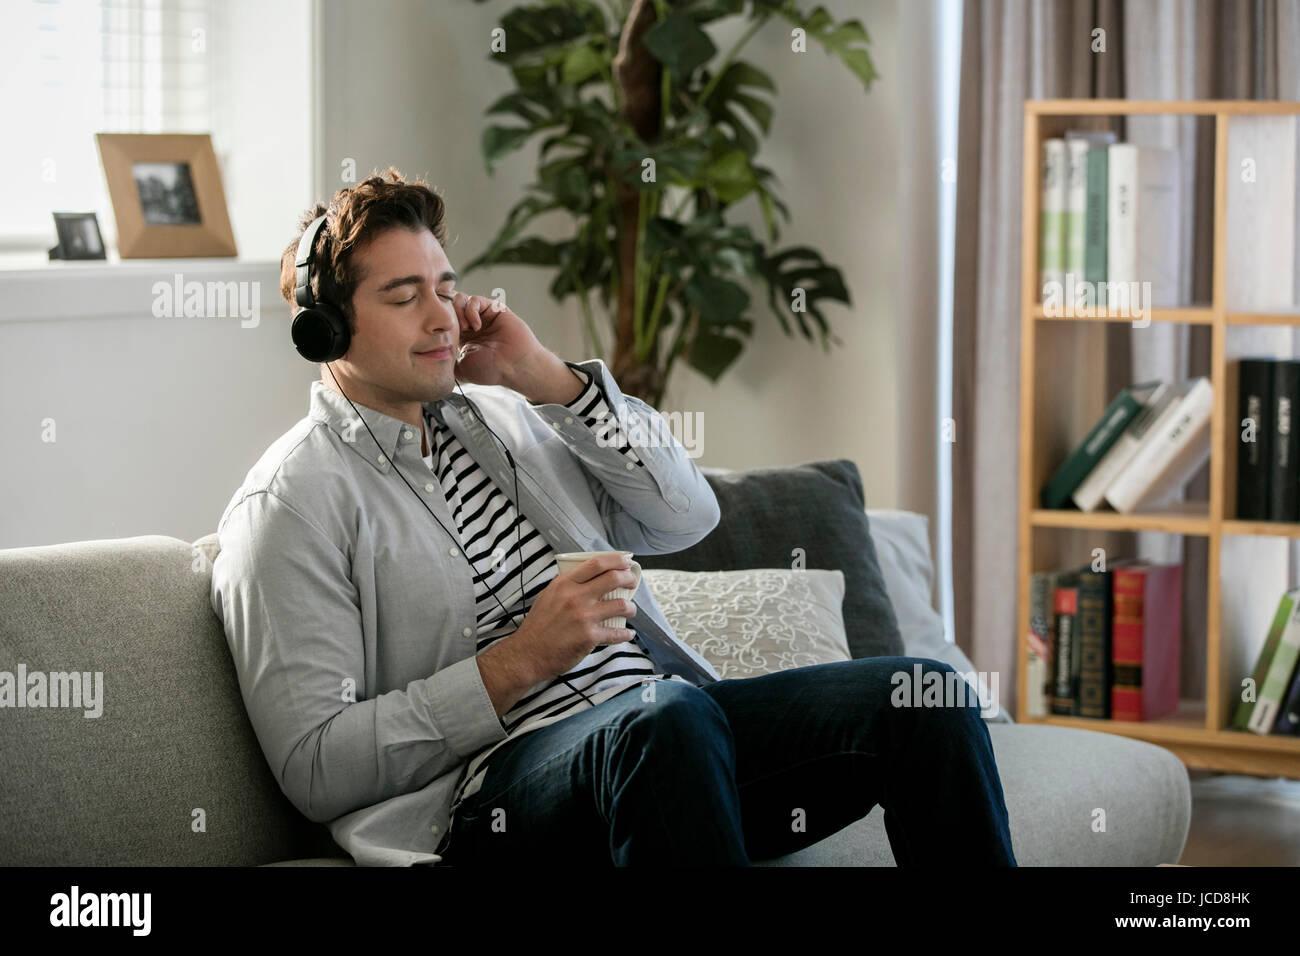 Lächelnde westlichen Mann in den Dreißigern auf Sofa anhören von Musik Stockbild